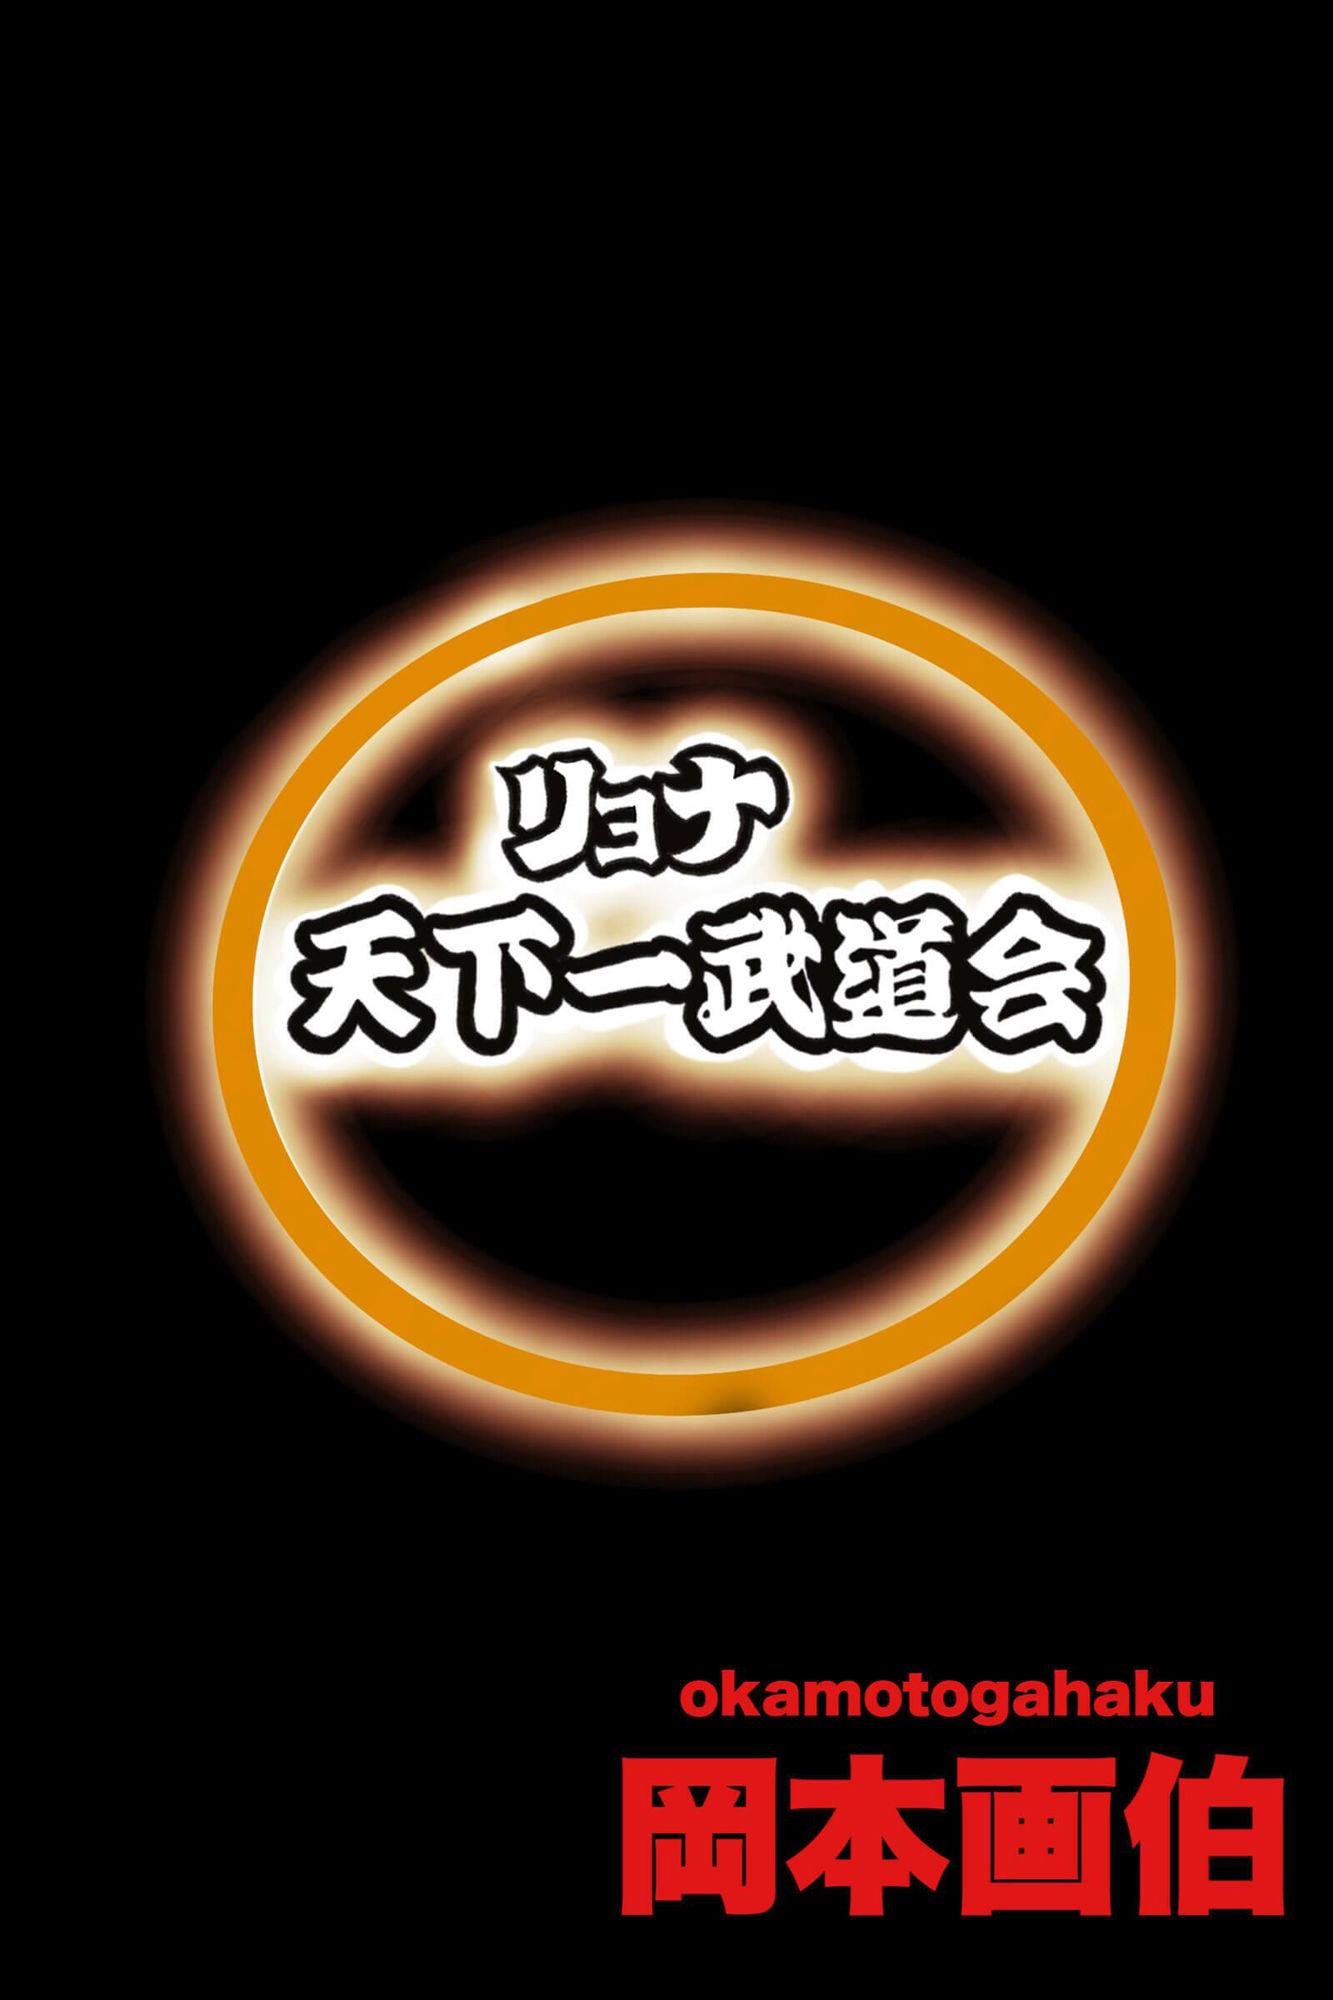 リョナ天下一武道会 2 ~無限リョナ地獄~9